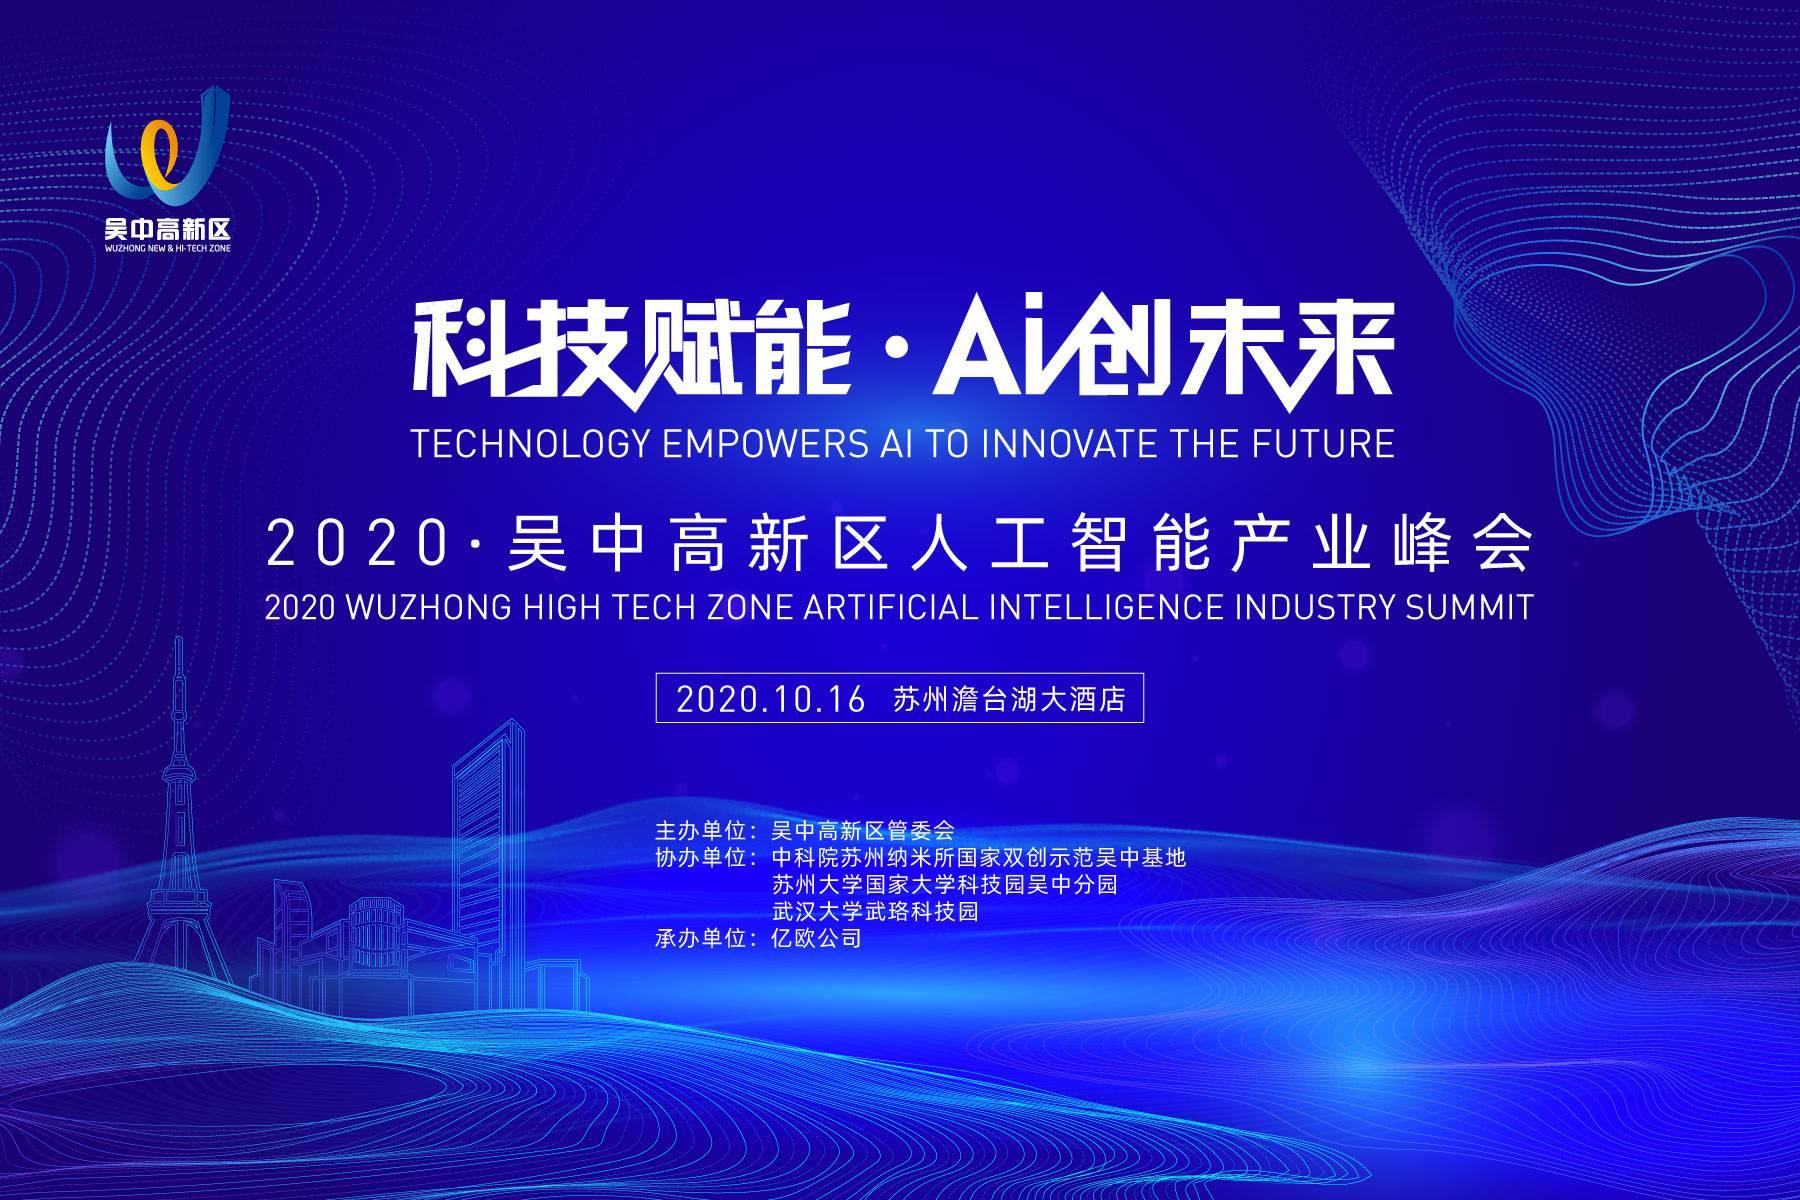 """""""科技赋能·AI创未来""""2020吴中高新区人工智能产业峰会"""